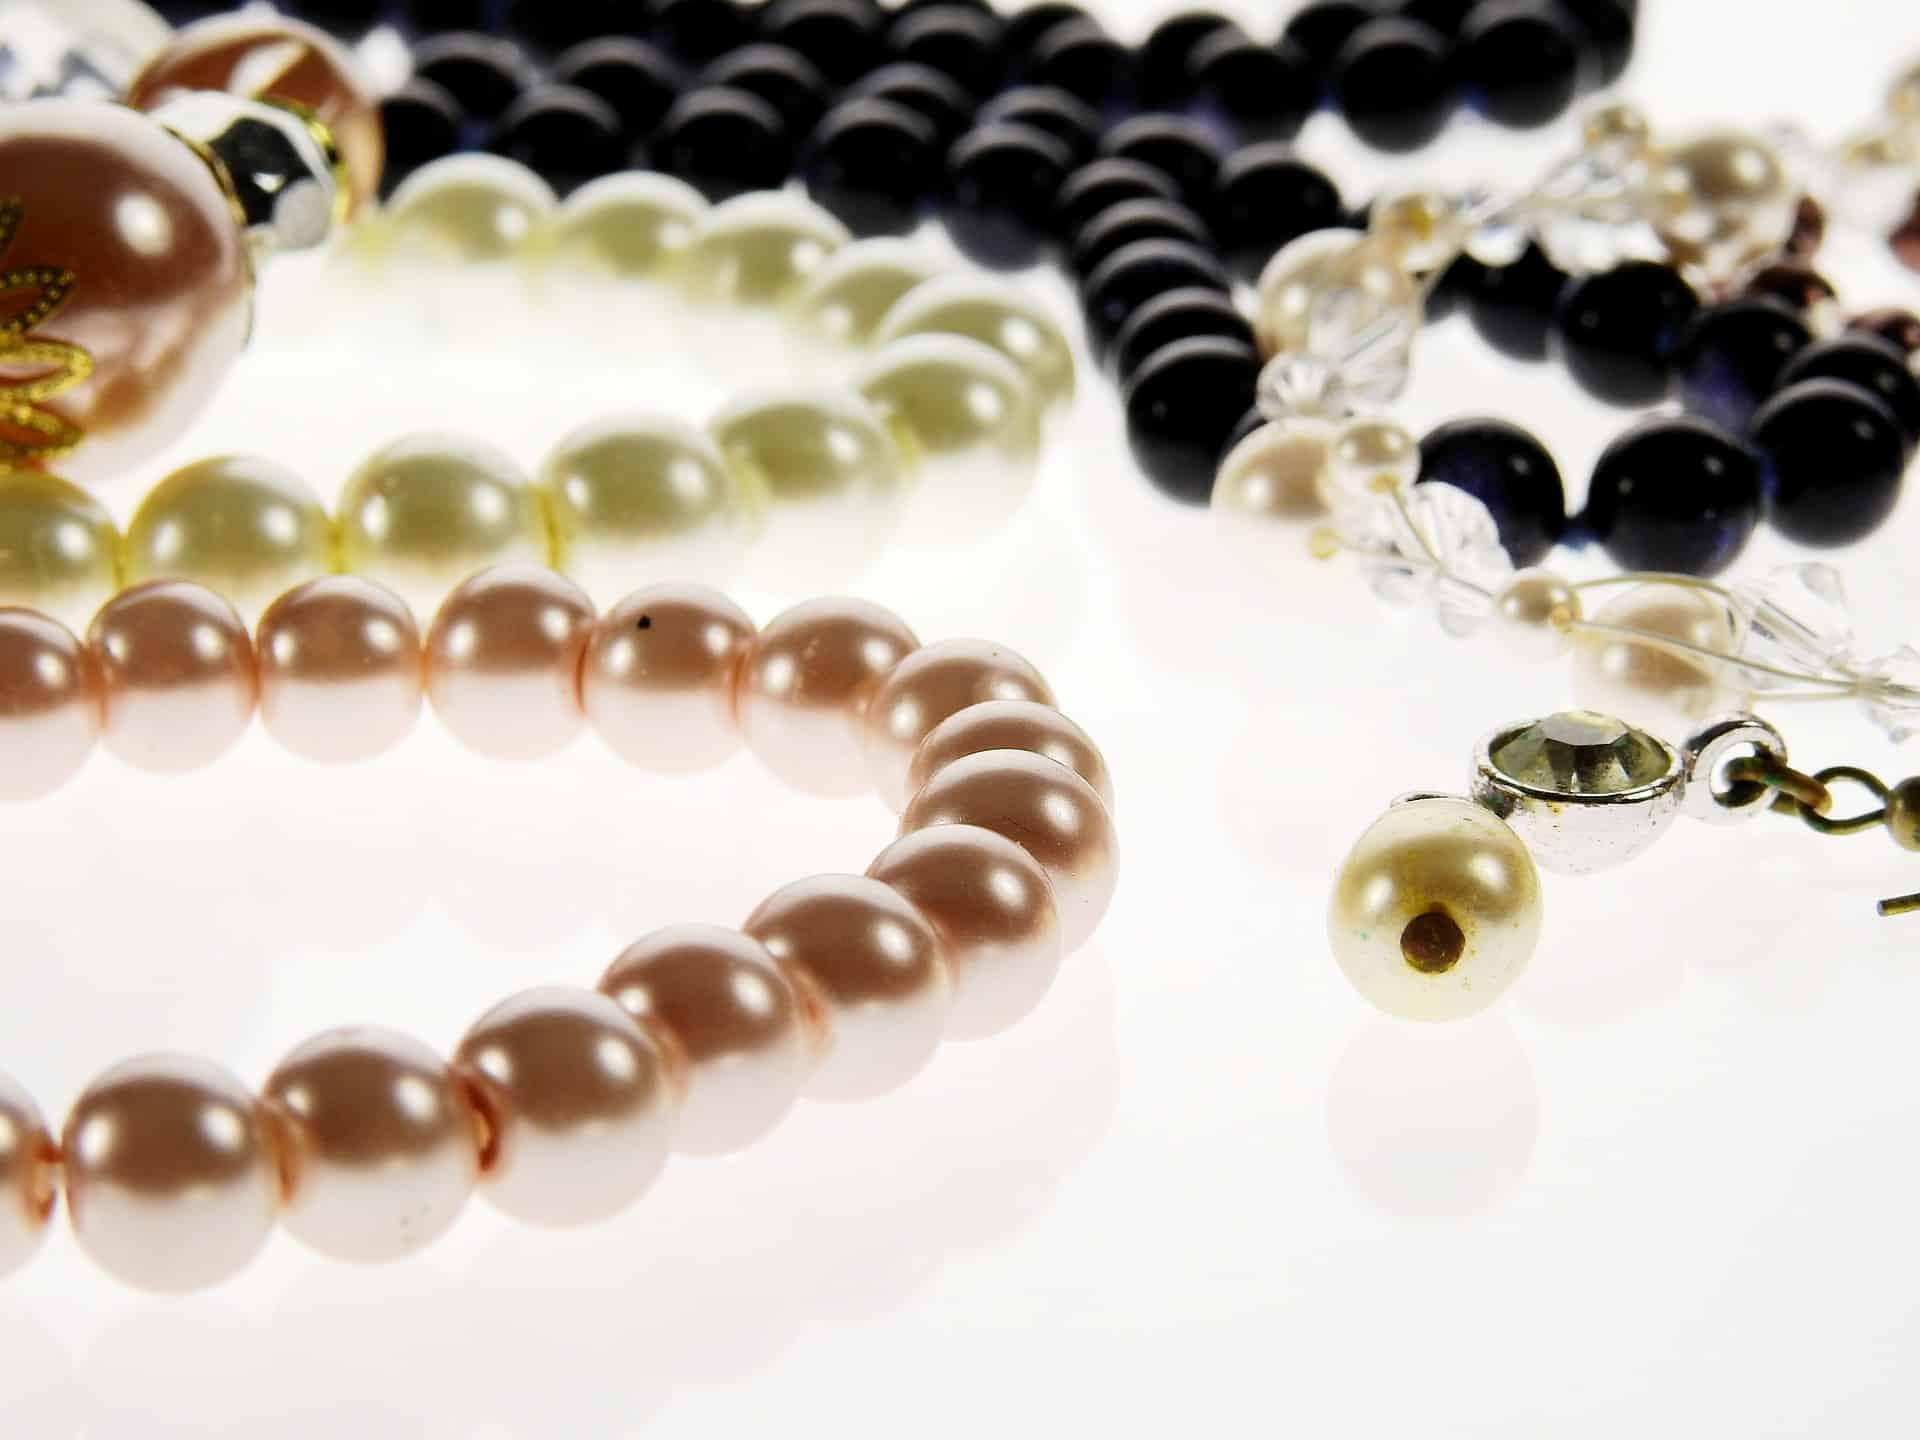 jewellery-1638997_1920